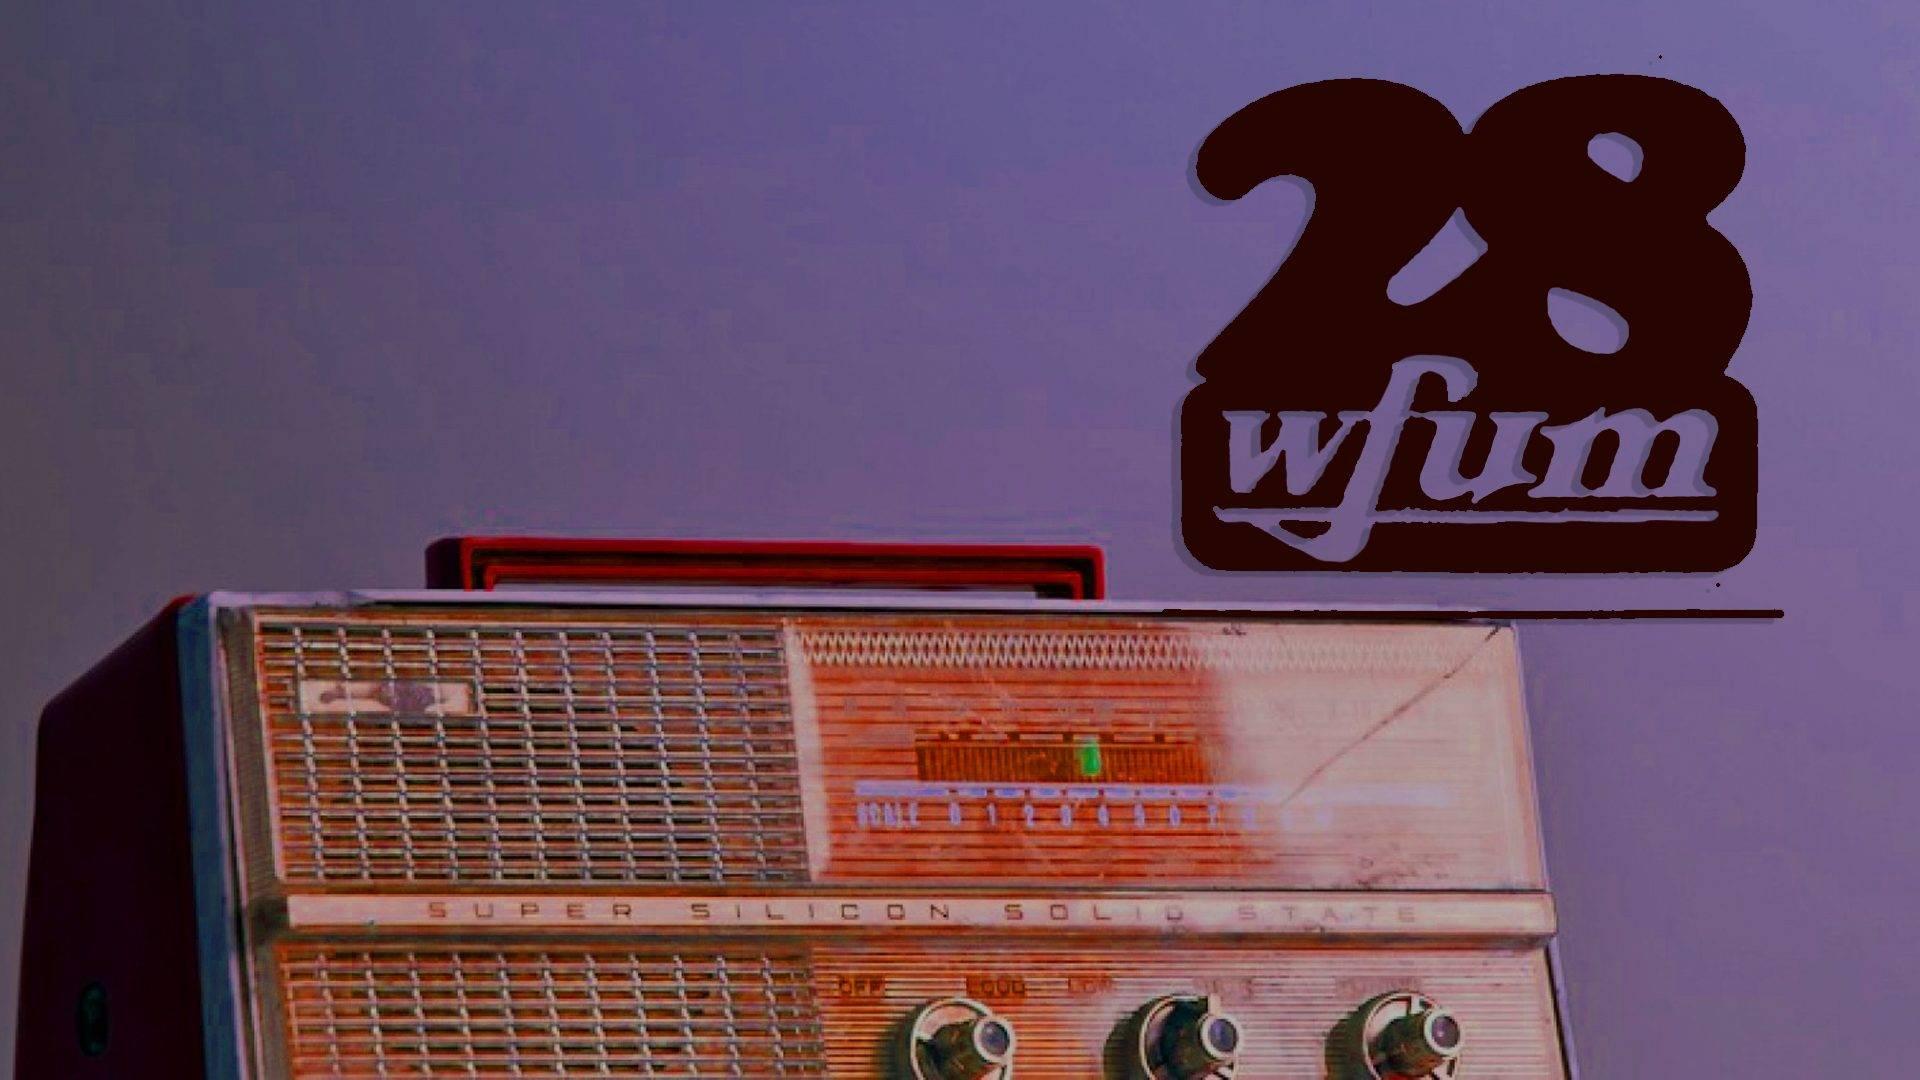 WFUM FM